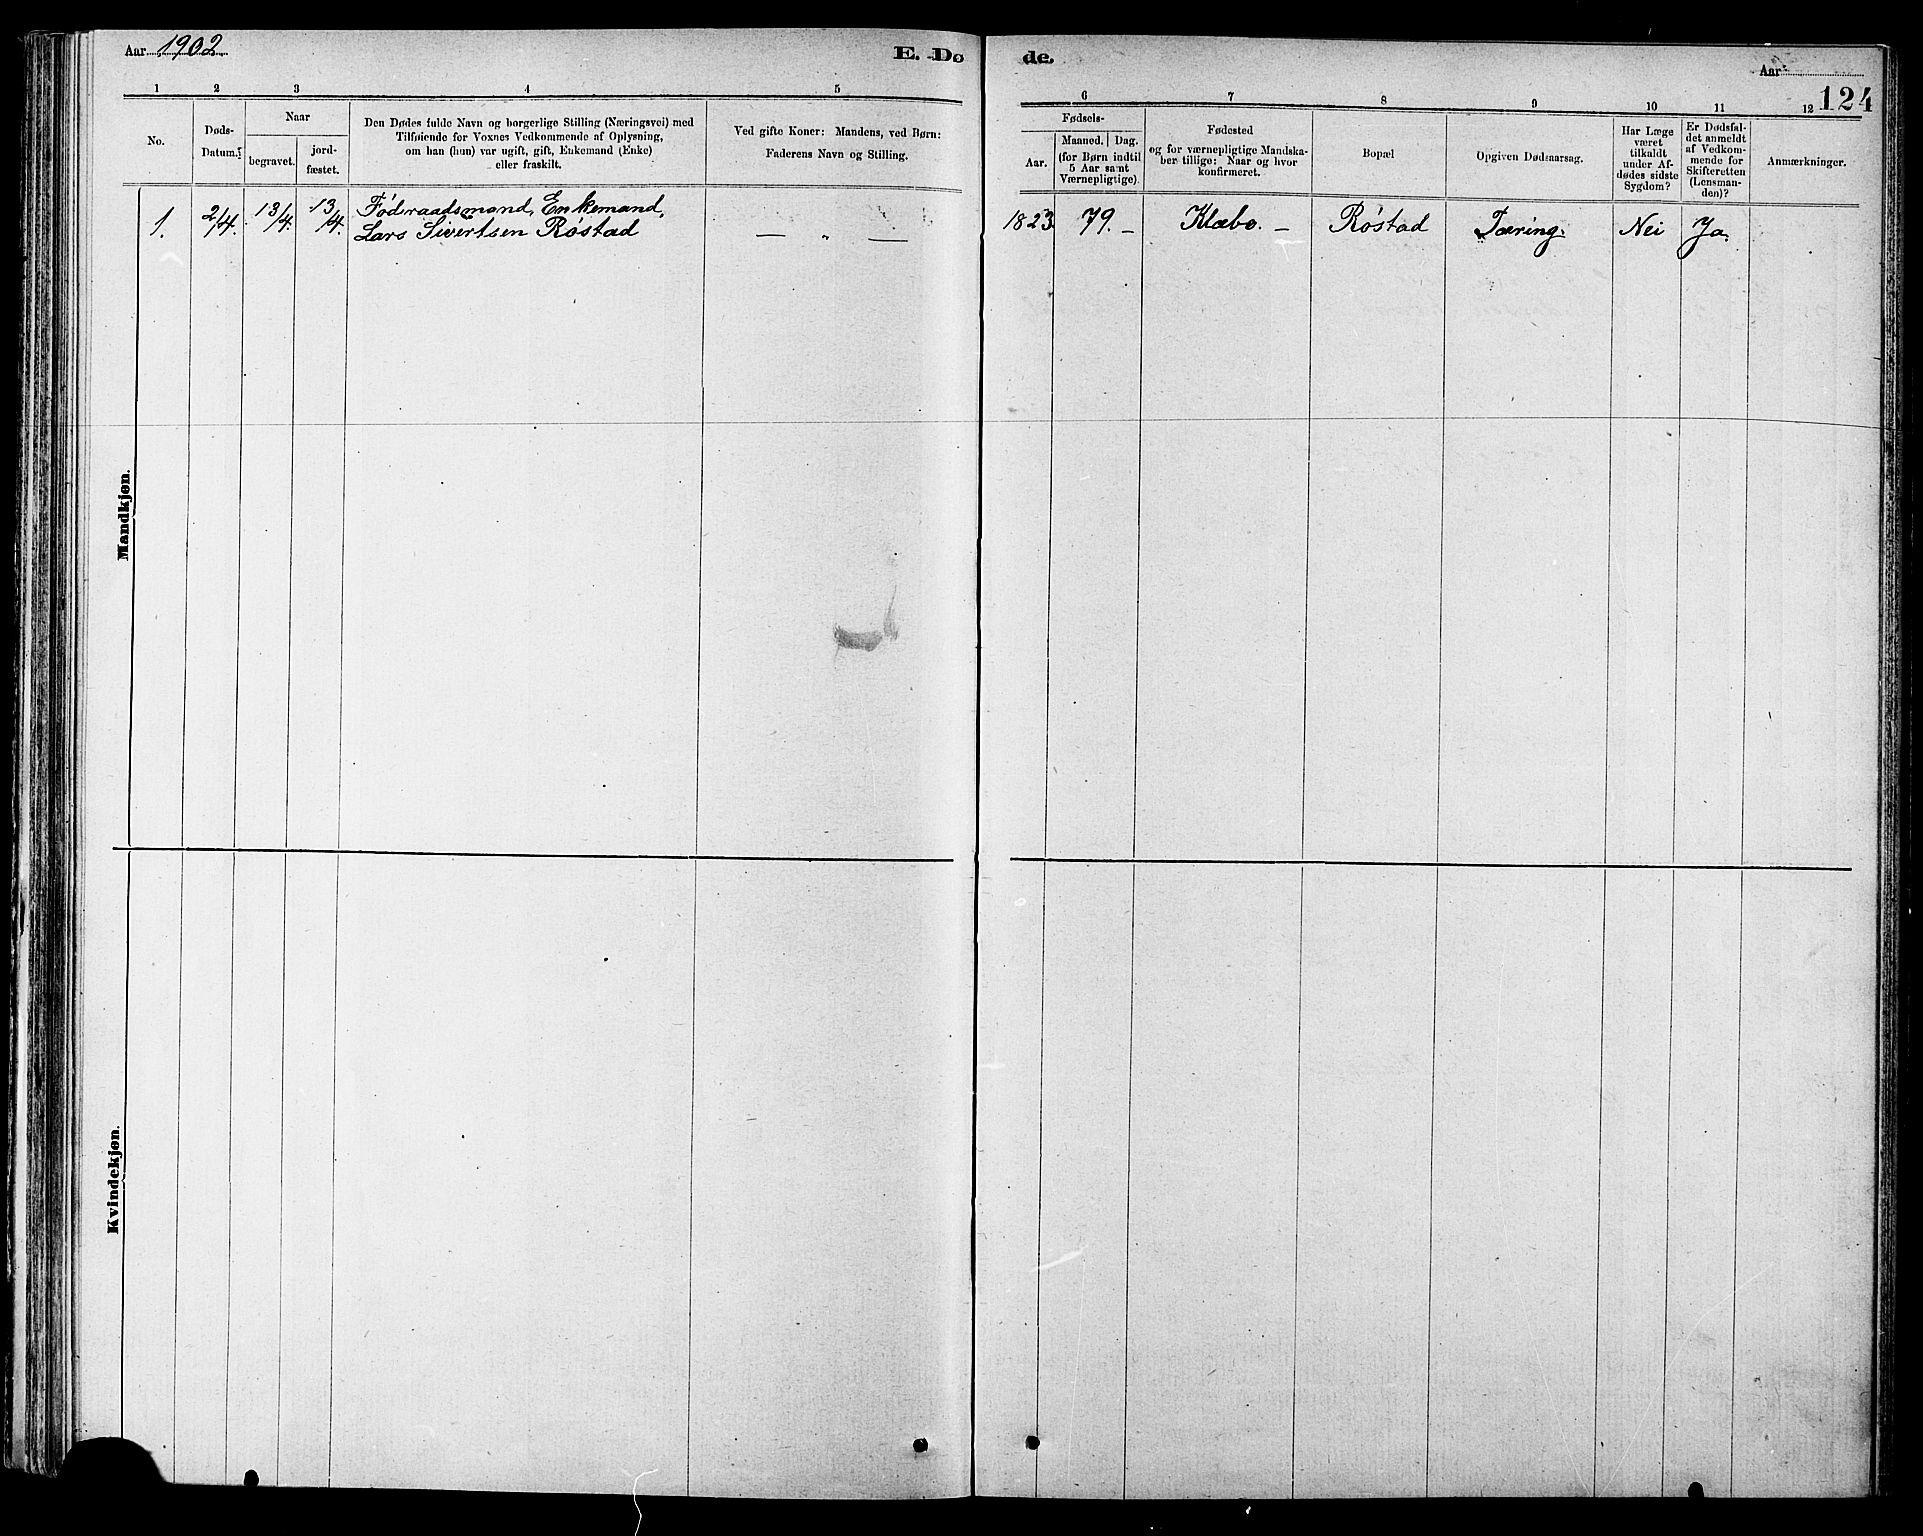 SAT, Ministerialprotokoller, klokkerbøker og fødselsregistre - Sør-Trøndelag, 608/L0341: Klokkerbok nr. 608C07, 1890-1912, s. 124